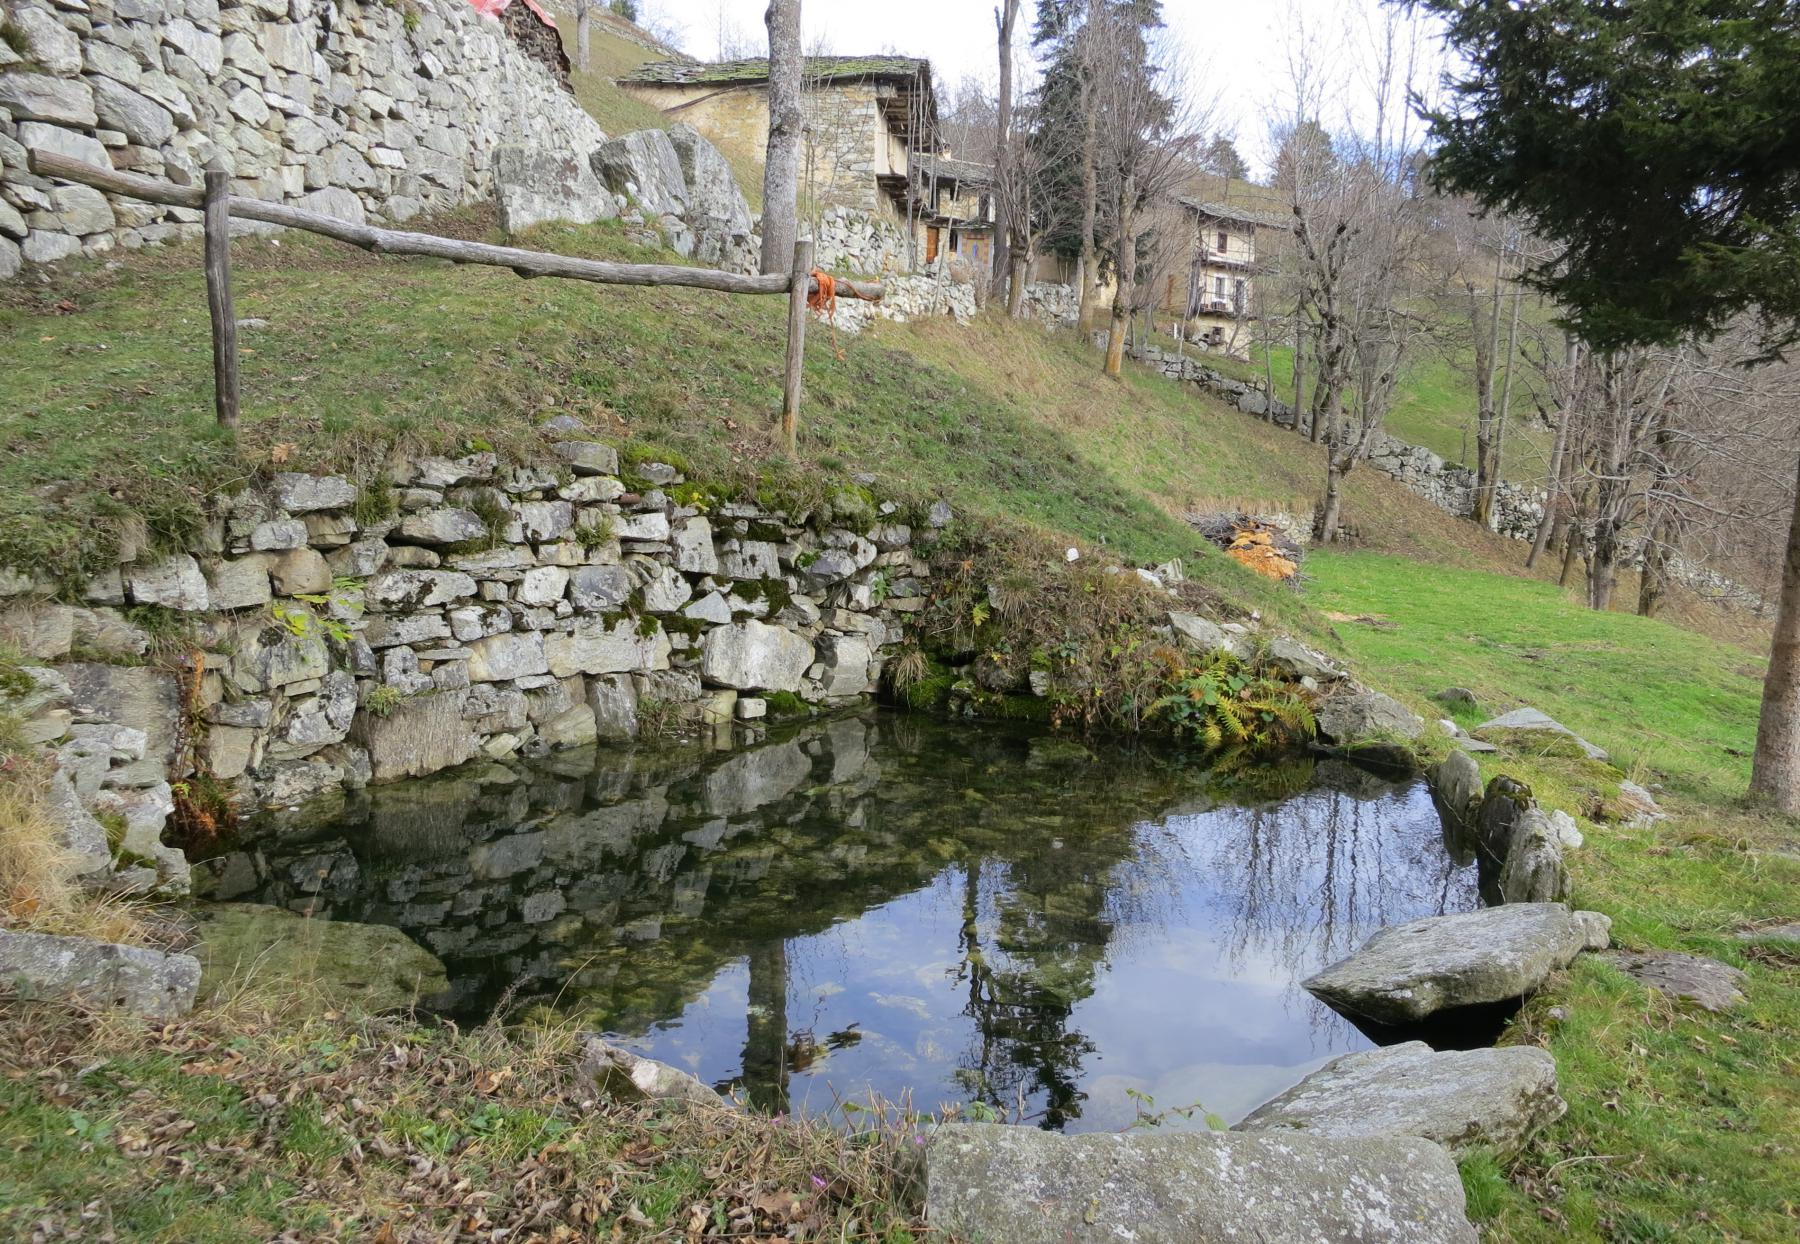 il bel bacino alimentato dalla sorgente non era utilizzato come una jacuzzi ma veniva utilizzato, oltre che per lavare, per lavorare la canapa